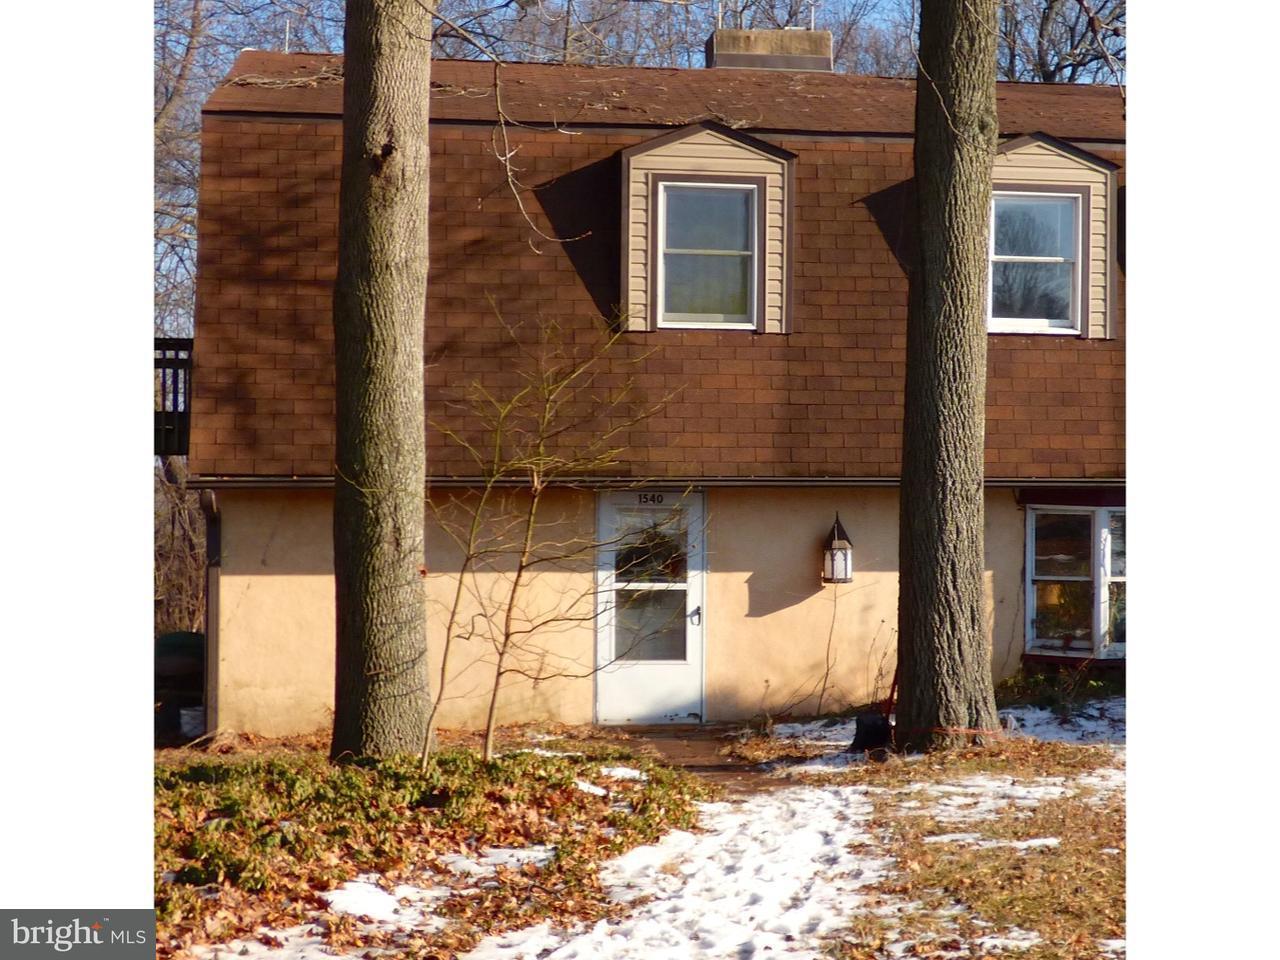 独户住宅 为 出租 在 1540 EMBREEVILLE Road 科茨威尔, 宾夕法尼亚州 19320 美国